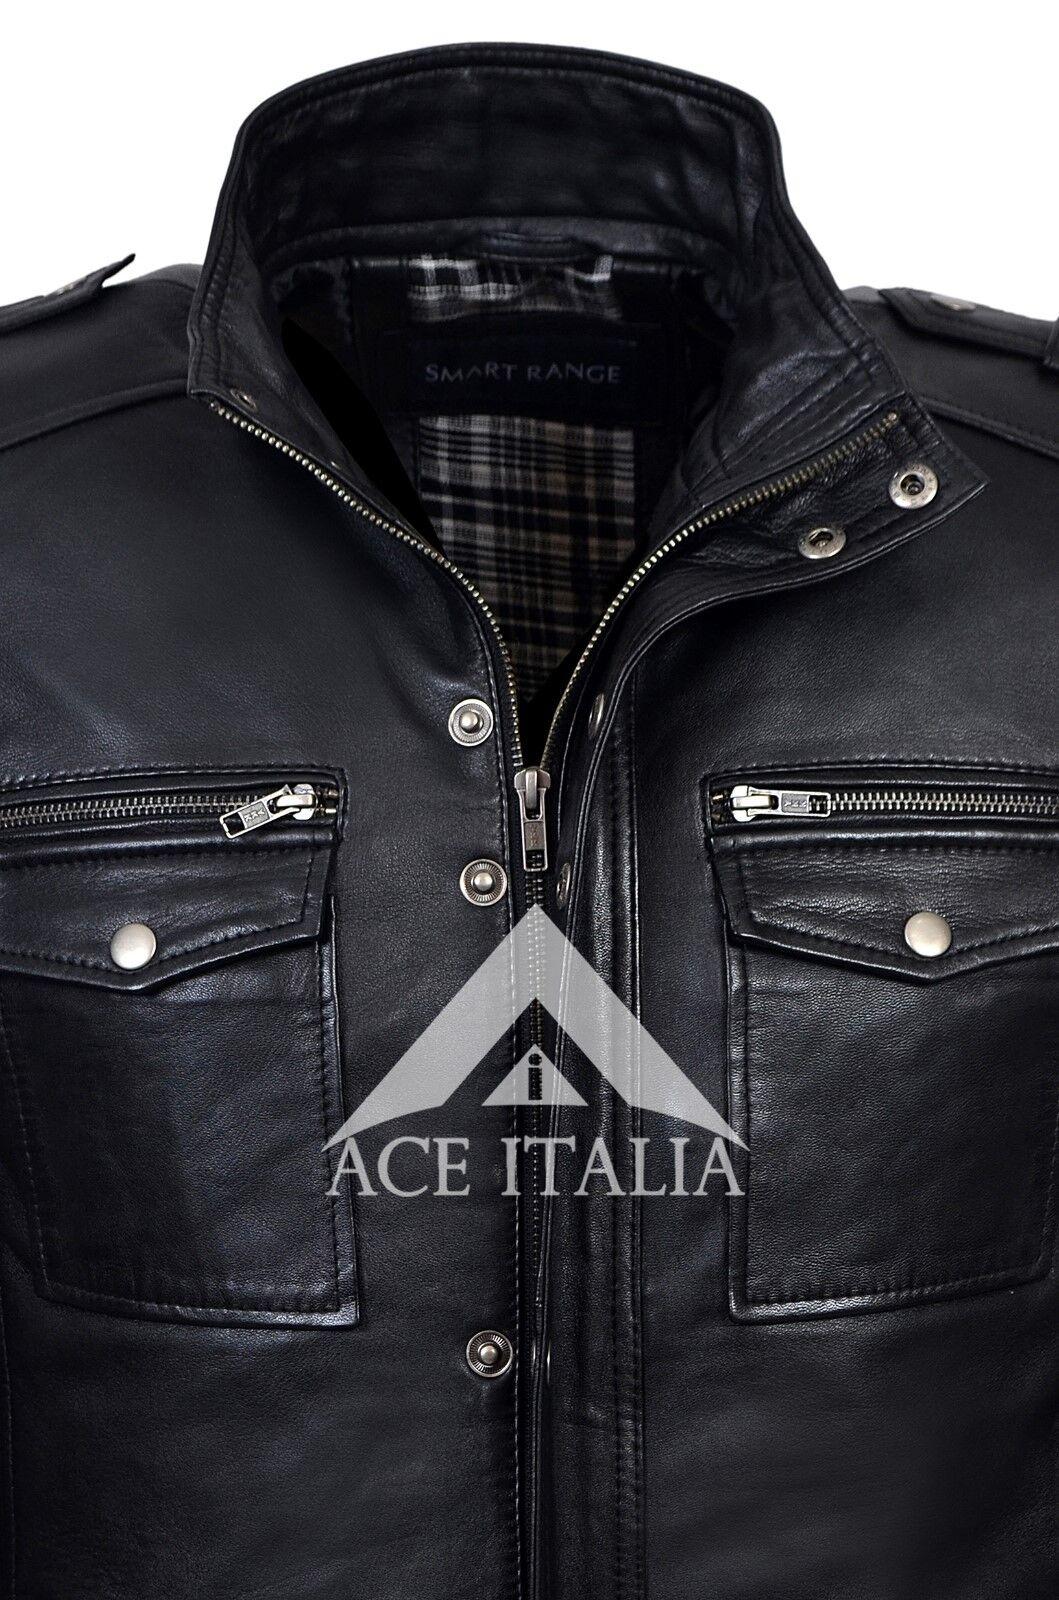 Uomo Nero Designer Reale Pecora Nappa Giacca in pelle pelle pelle morbida pelle di agnello 5540 9e9944